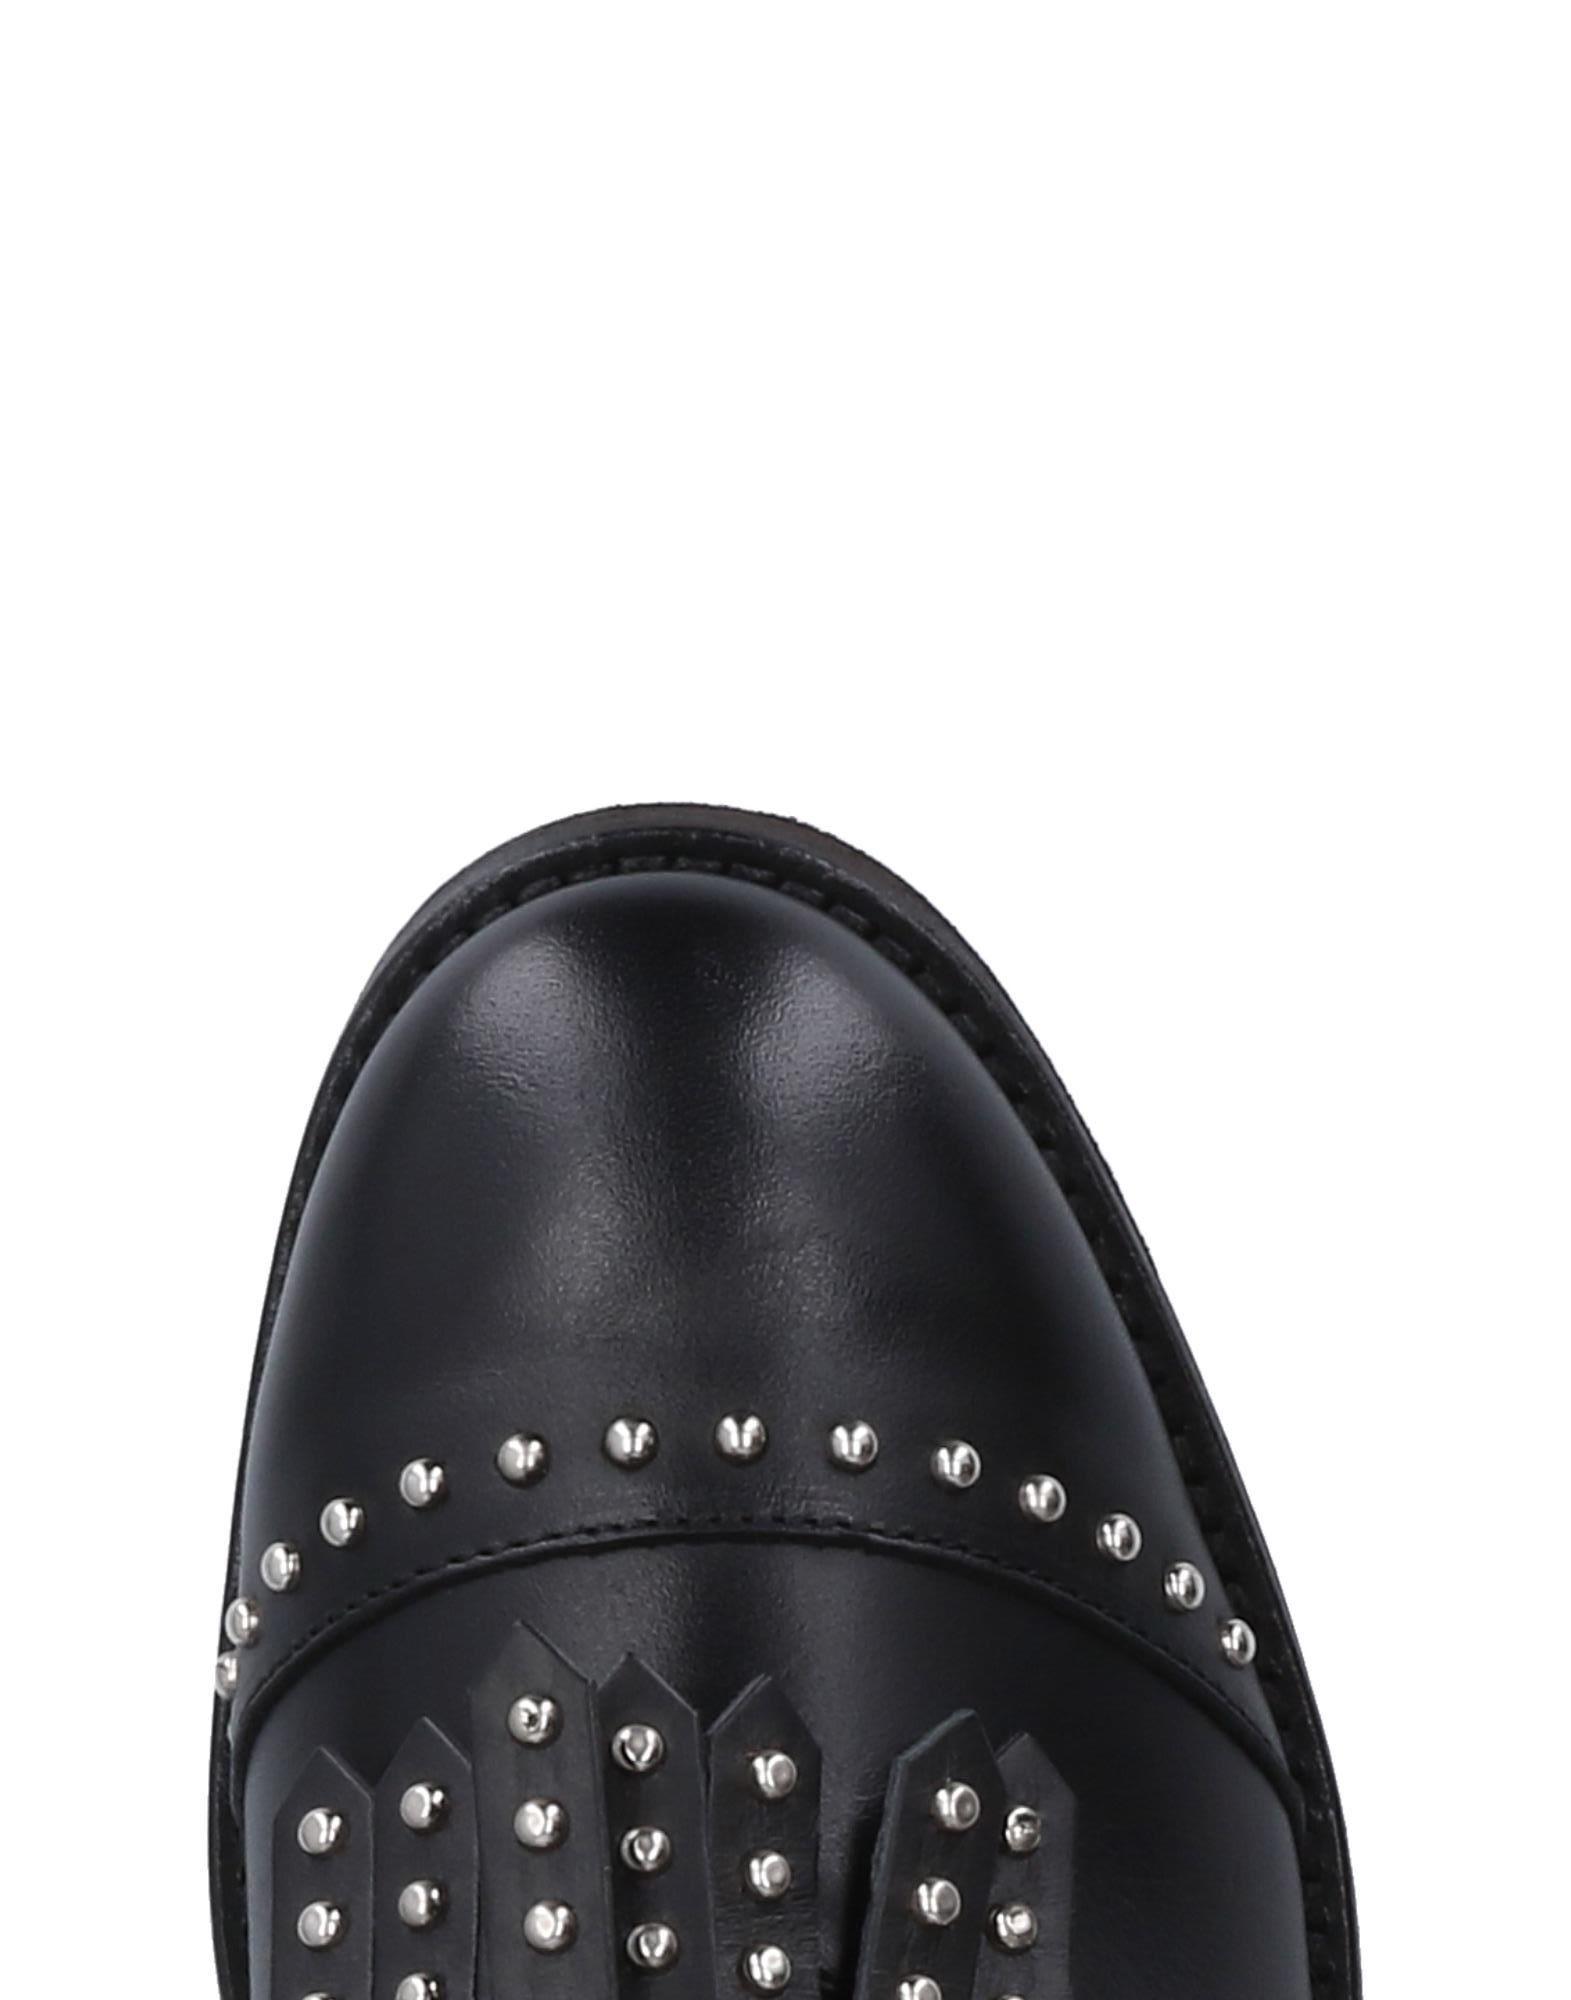 Boemos Mokassins Damen  Qualität 11510932ES Gute Qualität  beliebte Schuhe 0176ea